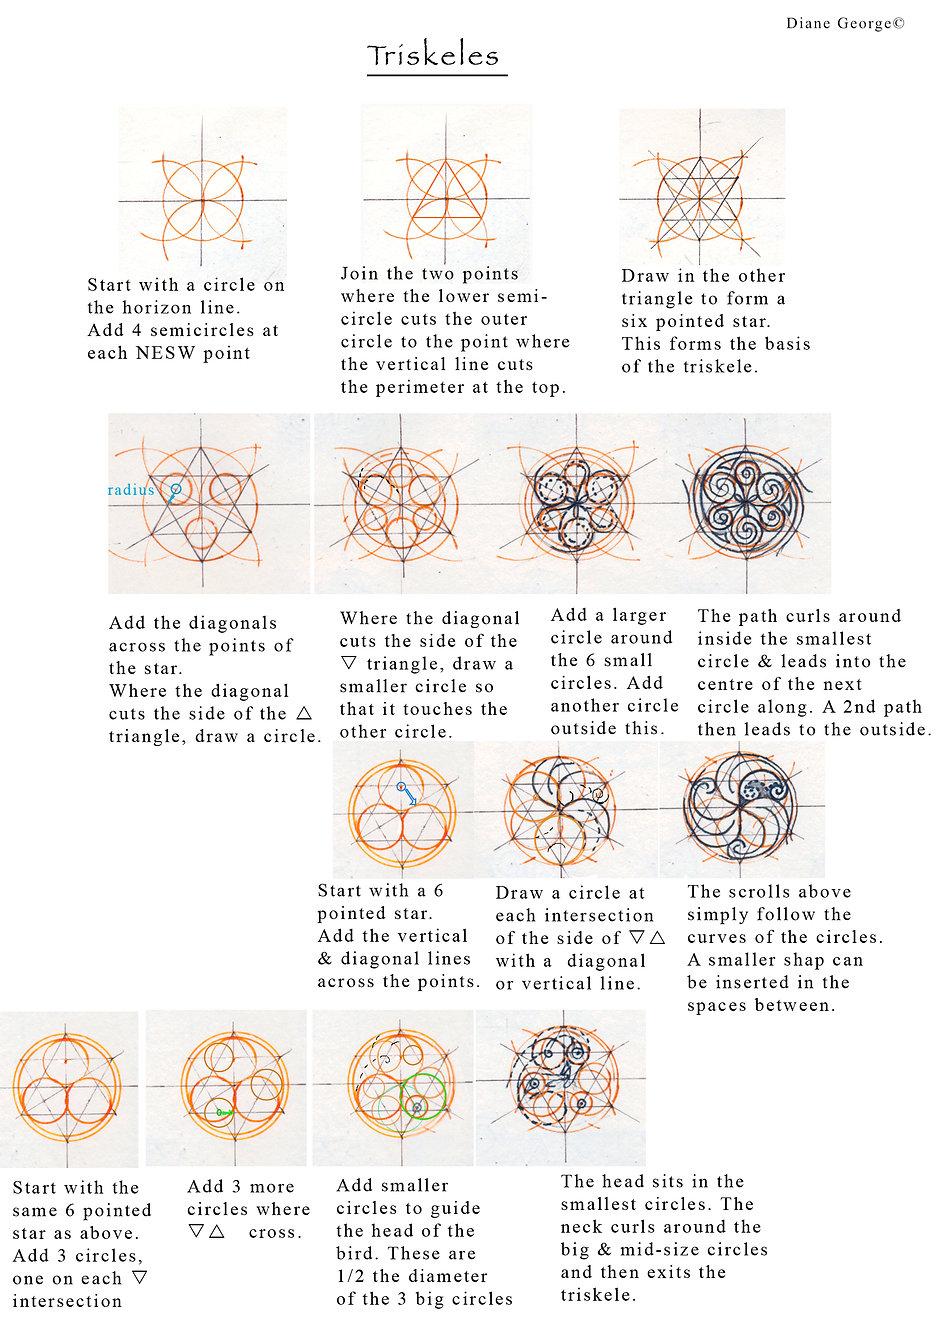 Ways of Varying the Basic Triskele